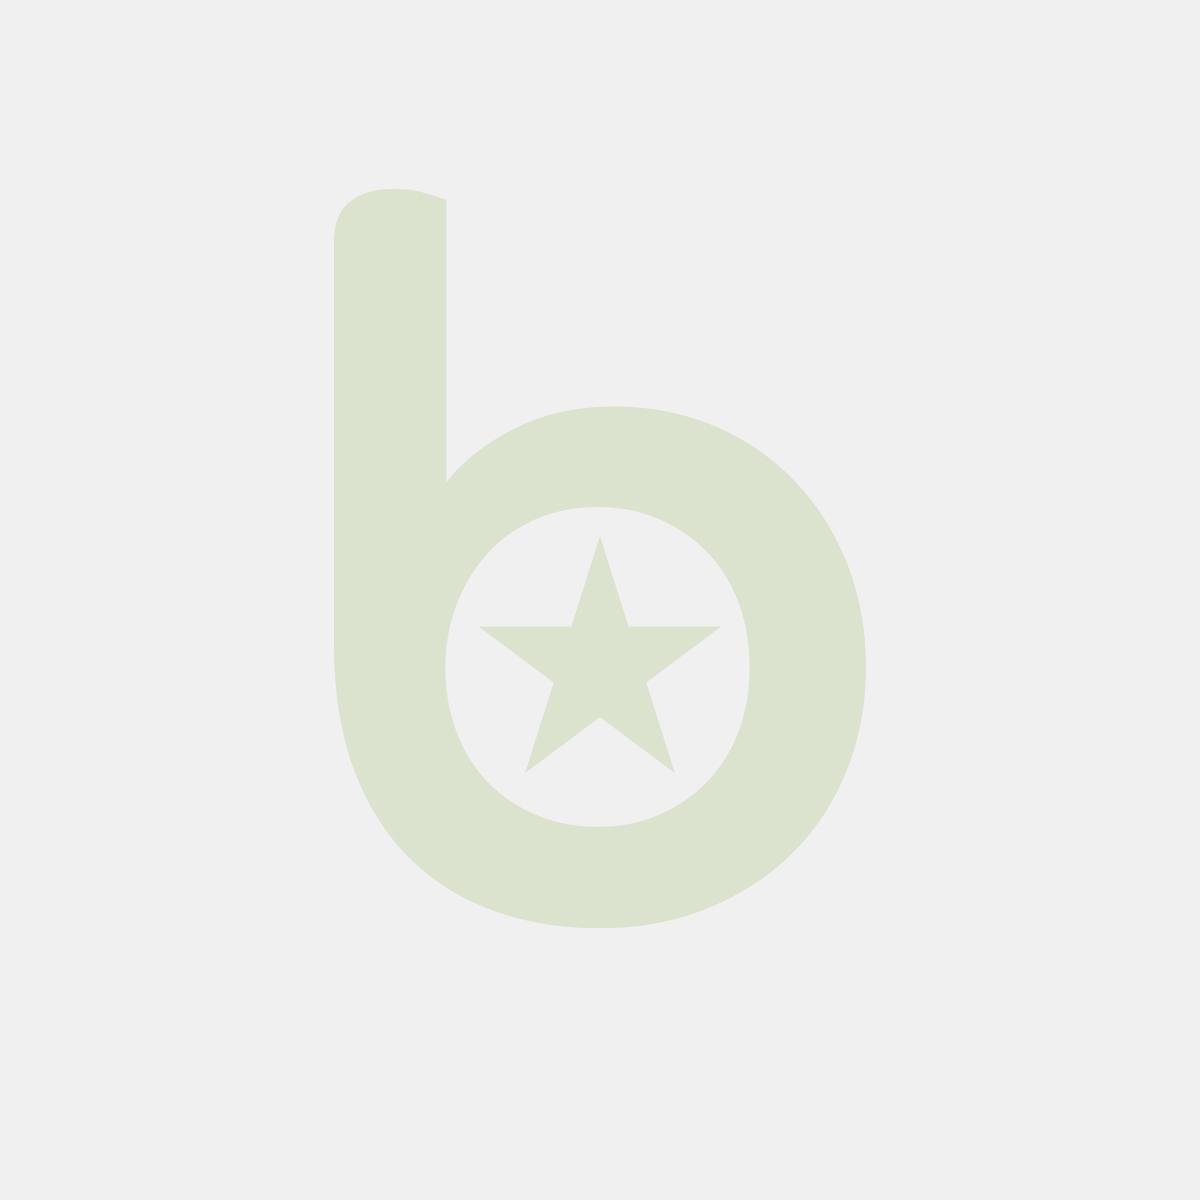 Marker permanentny SCHNEIDER Maxx 133, ścięty, 1-4mm, zielony